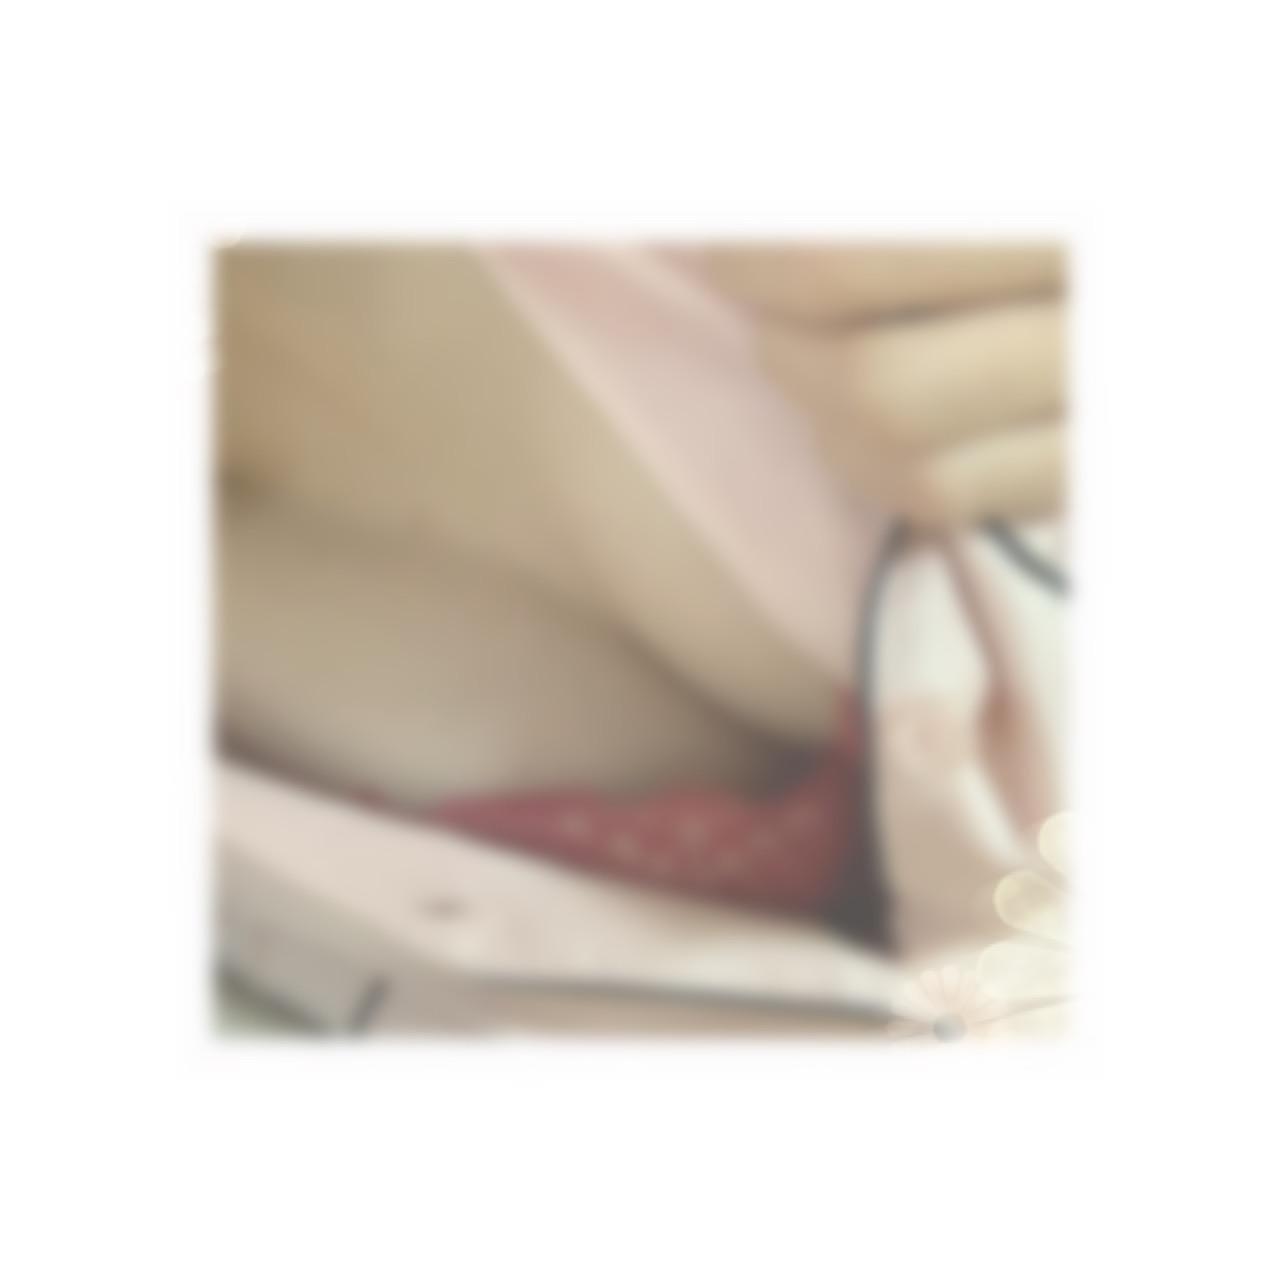 おはようございます︎︎☺︎ 08-18 11:56 | Yuuna(ゆうな)の写メ・風俗動画